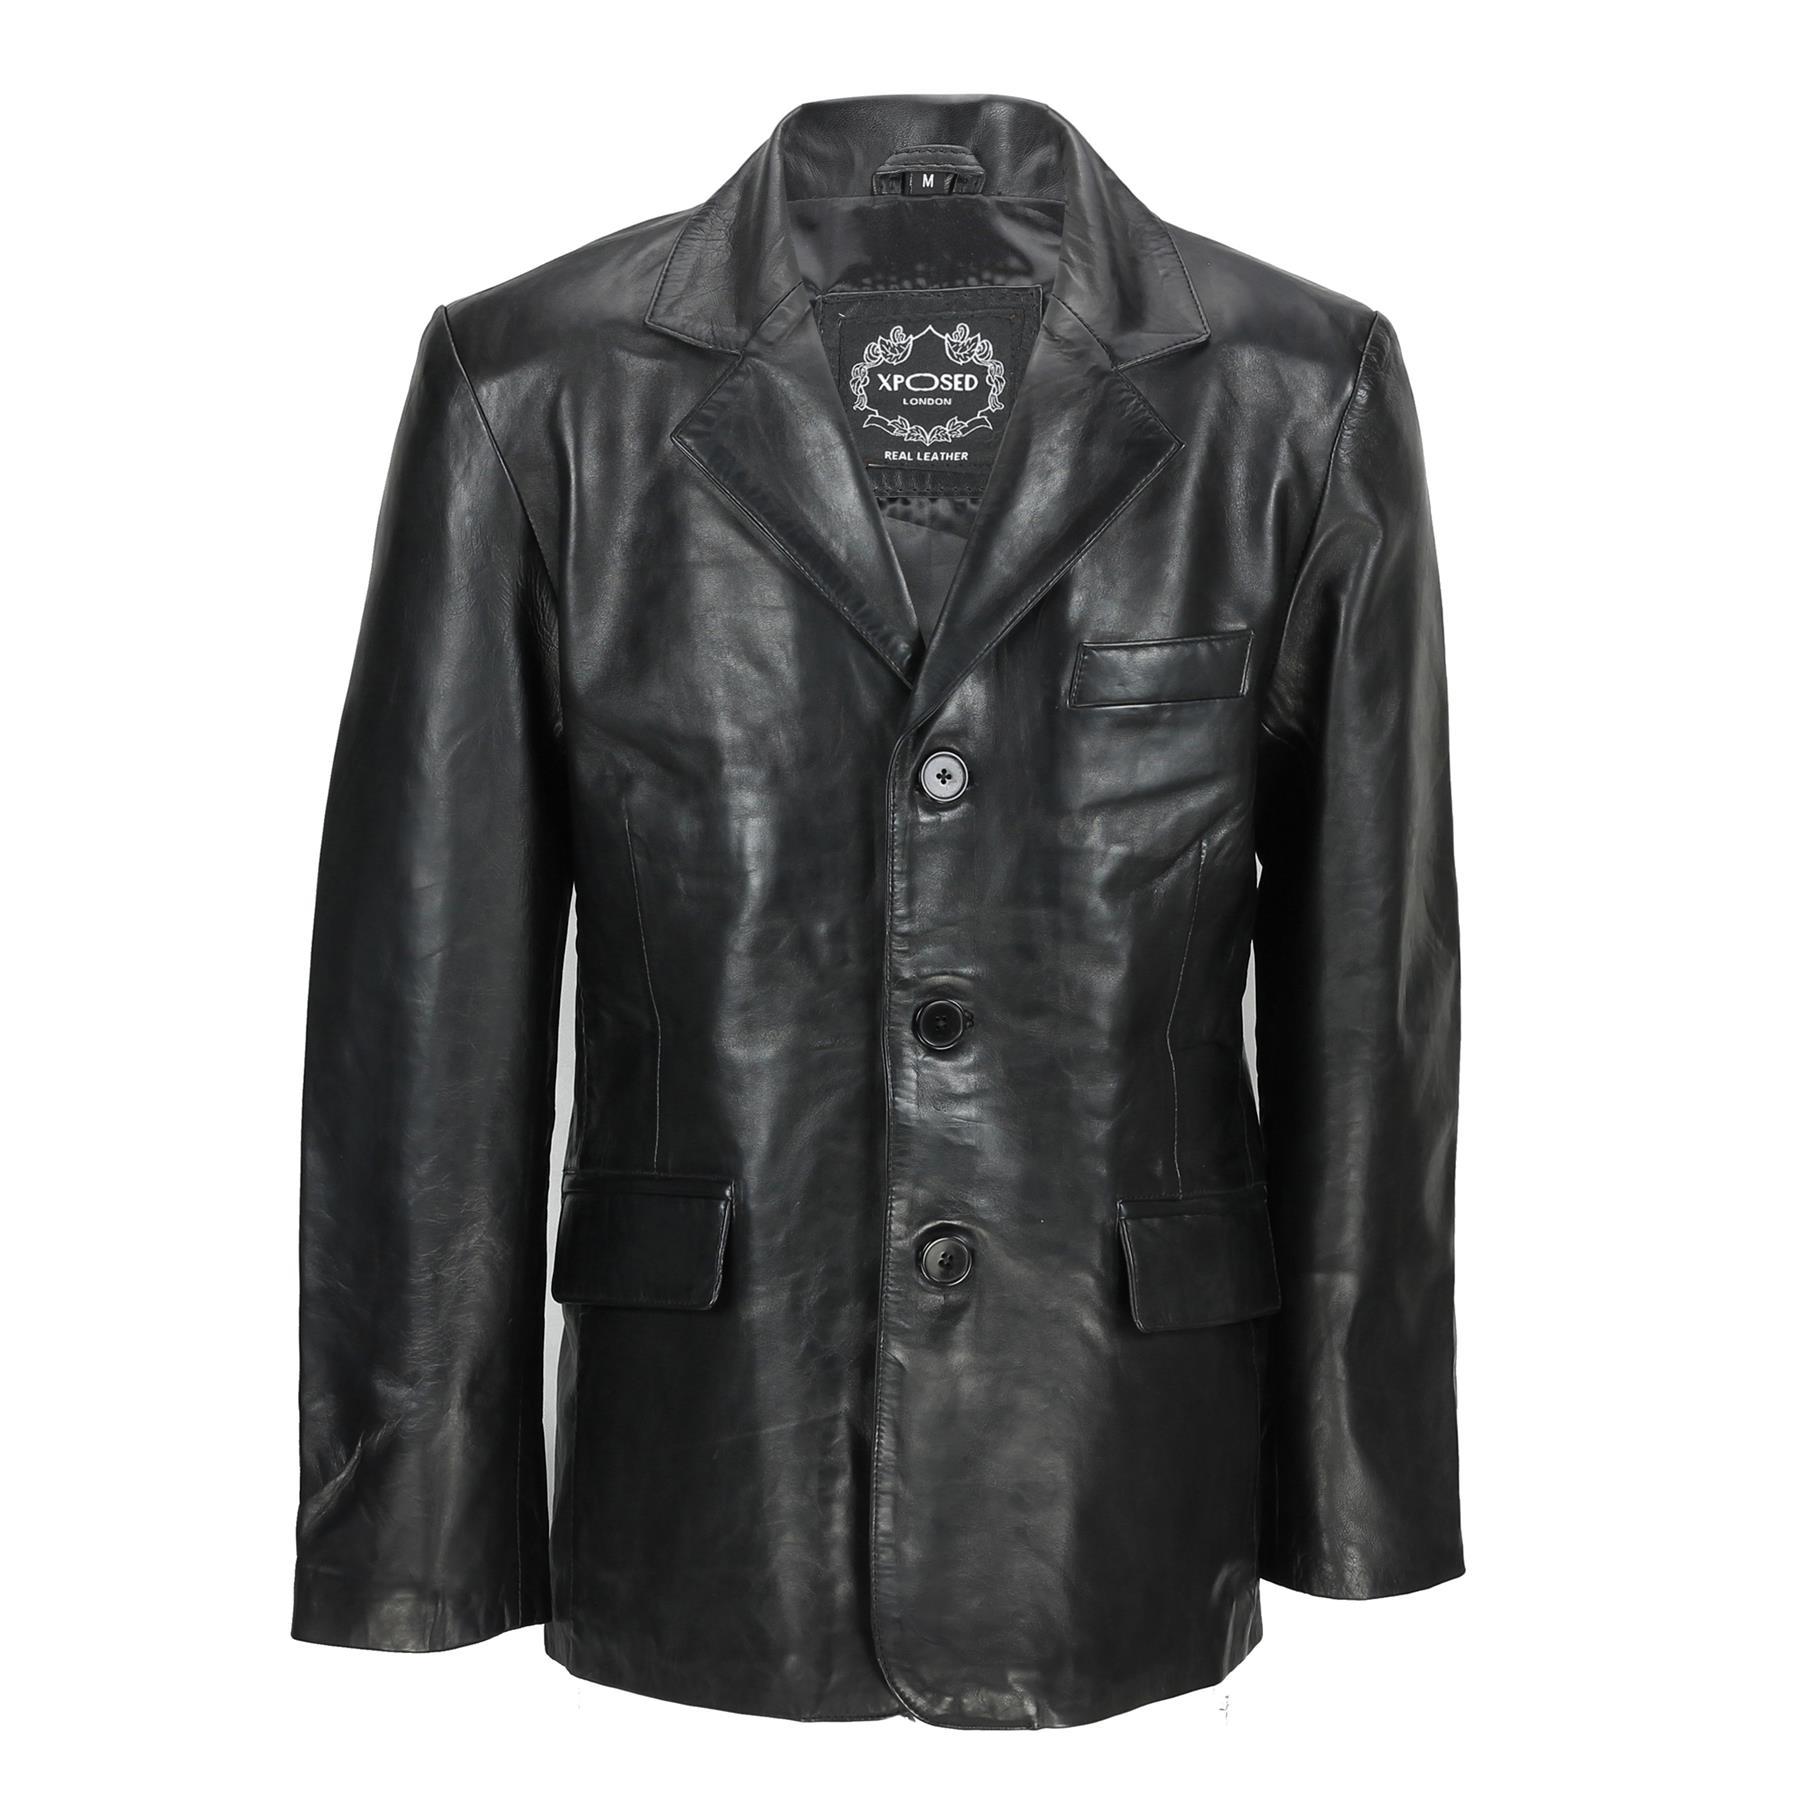 Homme Noir /& Tan Vrai Doux Mouton Cuir Blazer mi-longue Vintage Veste Manteau